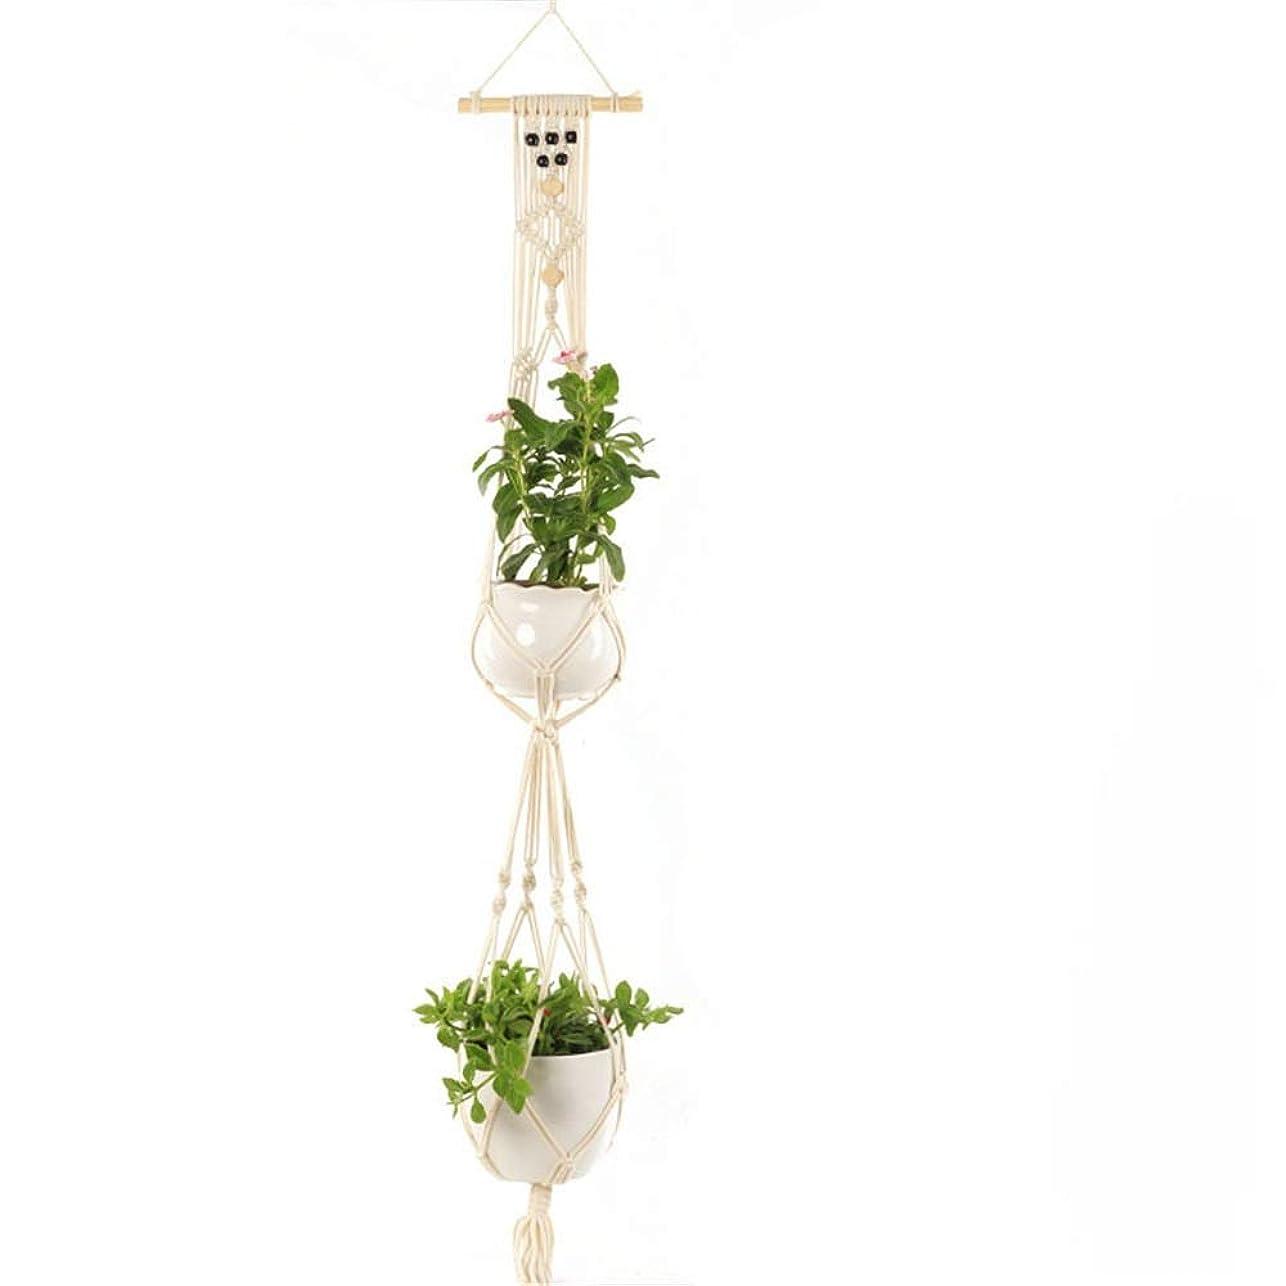 ジャンク高層ビル気分吊り下げロープ マクラメ ハンギングプランター 植物ハンガー屋内屋外マクラメ植木鉢綿ロープハンガー (色 : ベージュ, サイズ : One)